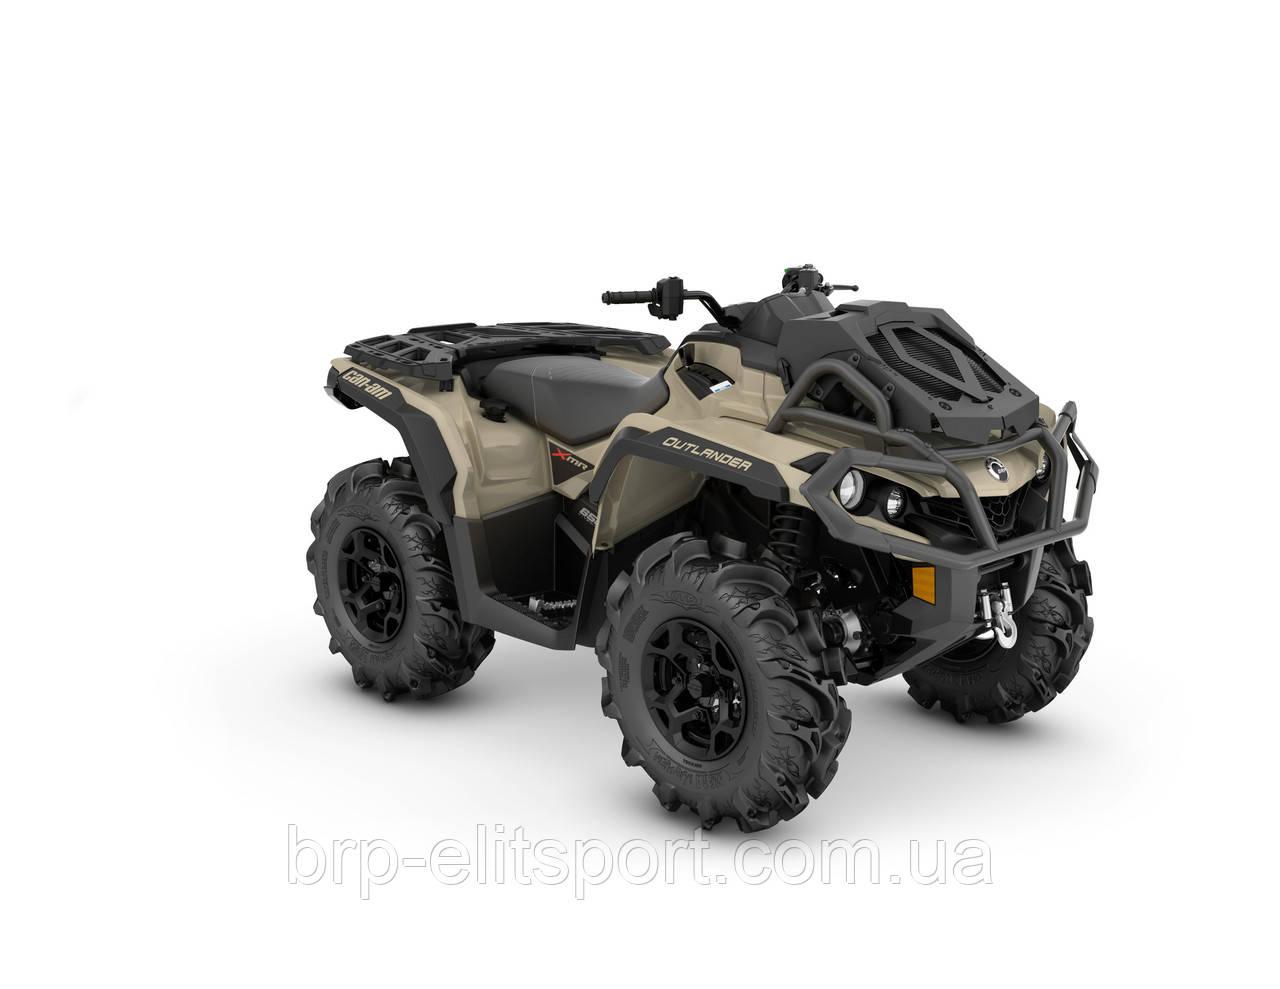 Outlander XMR 650 (2022)